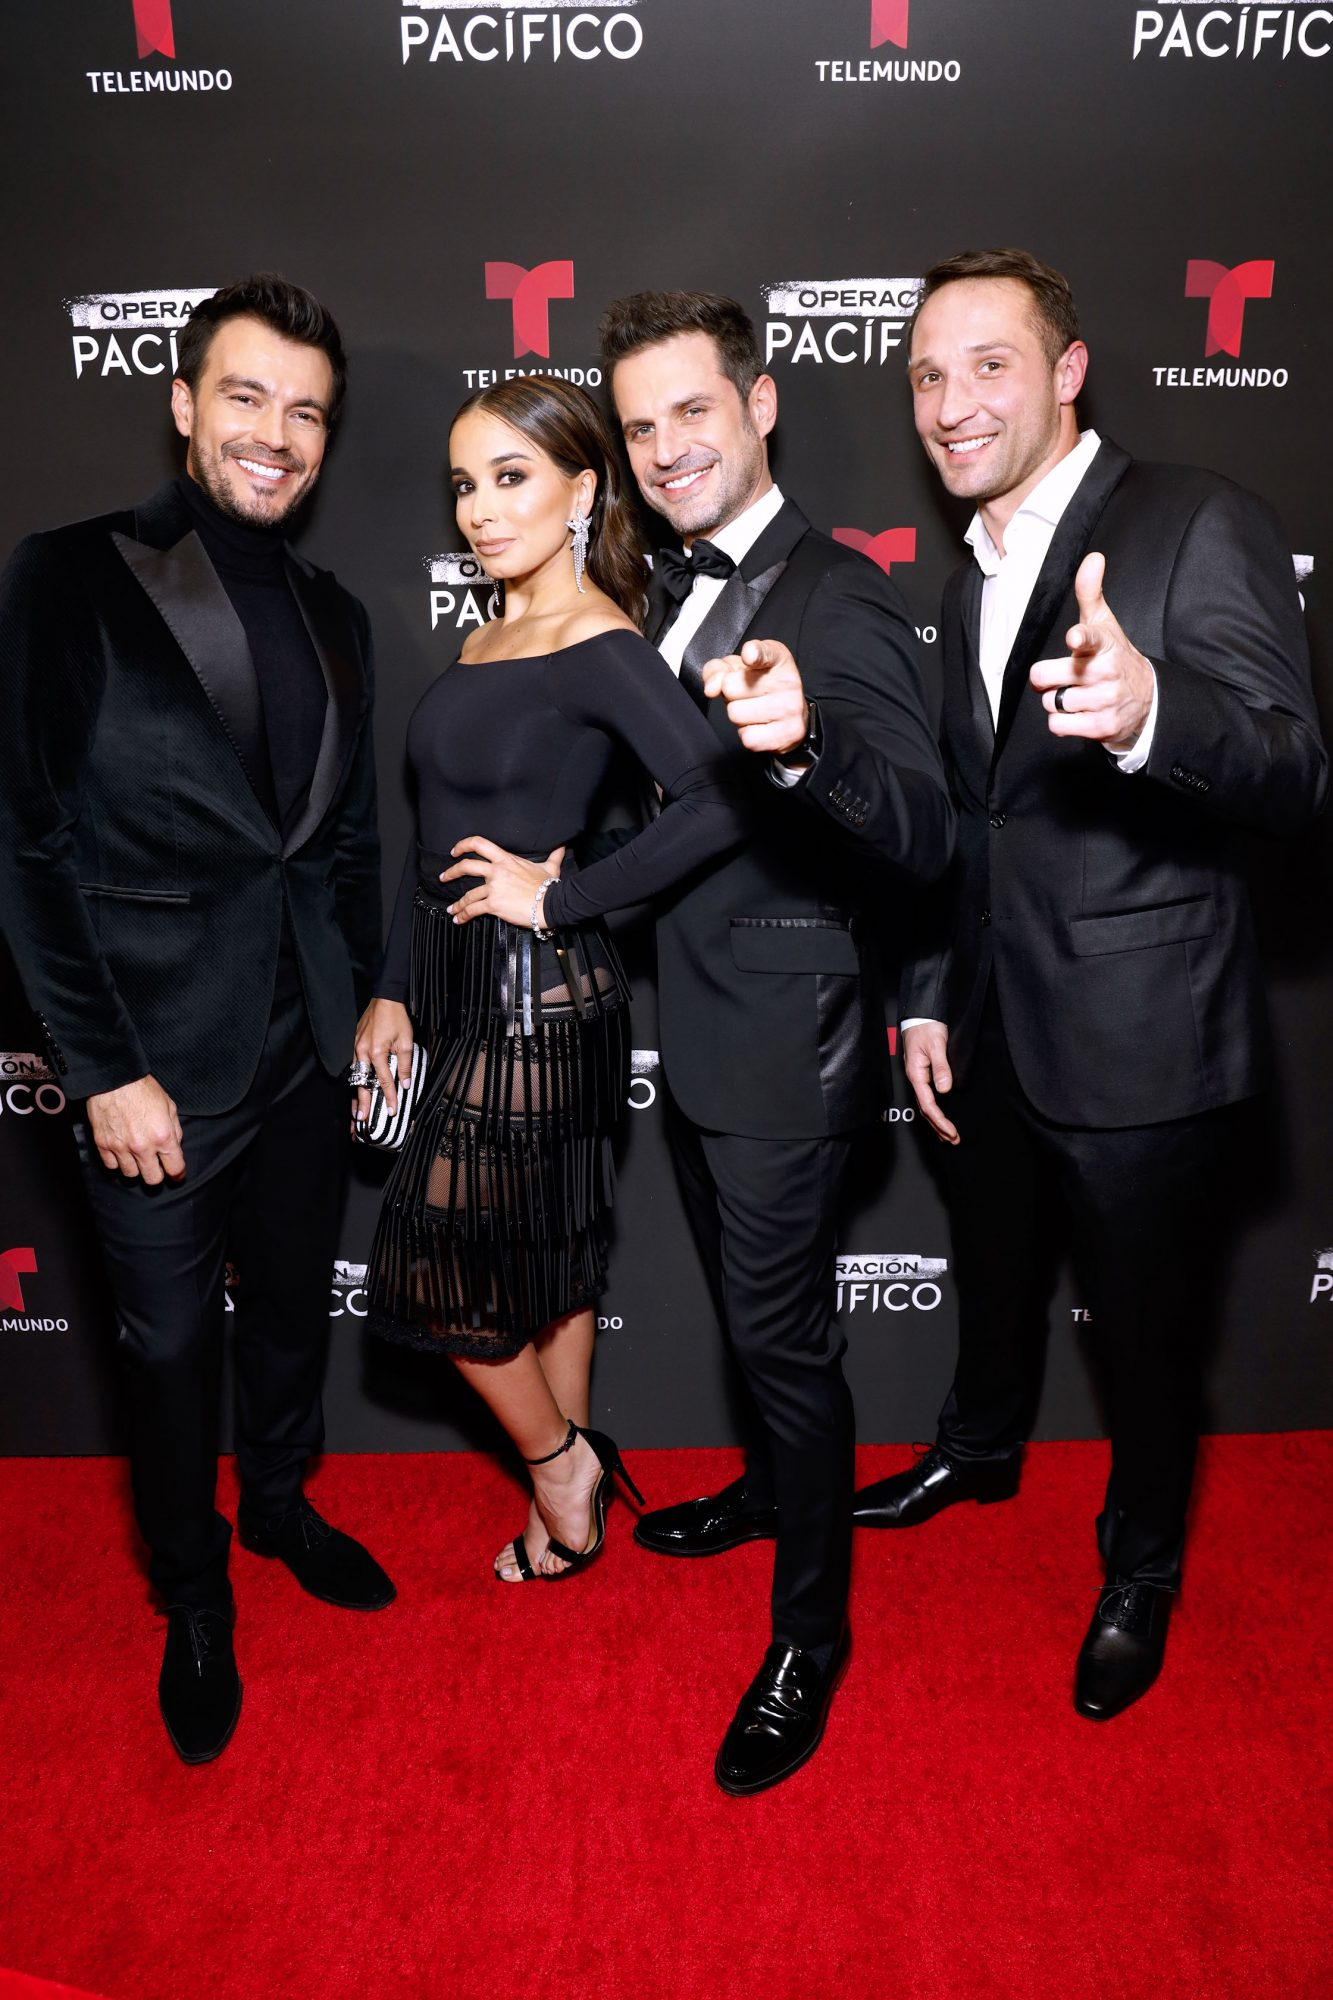 Luciano D'Alessandro, Majida Issa, Mark Tacher y Klemen Novak en la alfombra roja del estreno de Operación pacífico.